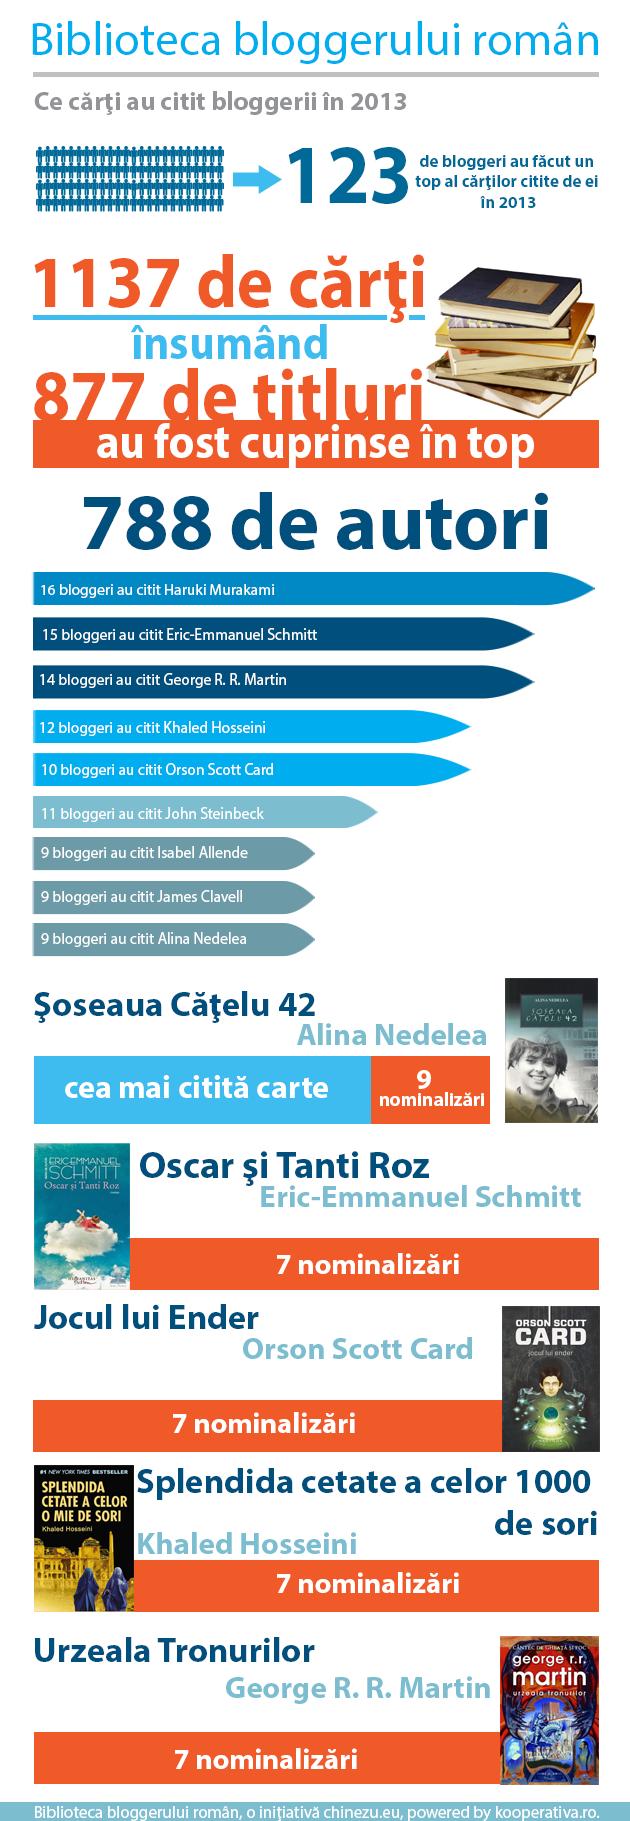 bibliotecabloggerului1